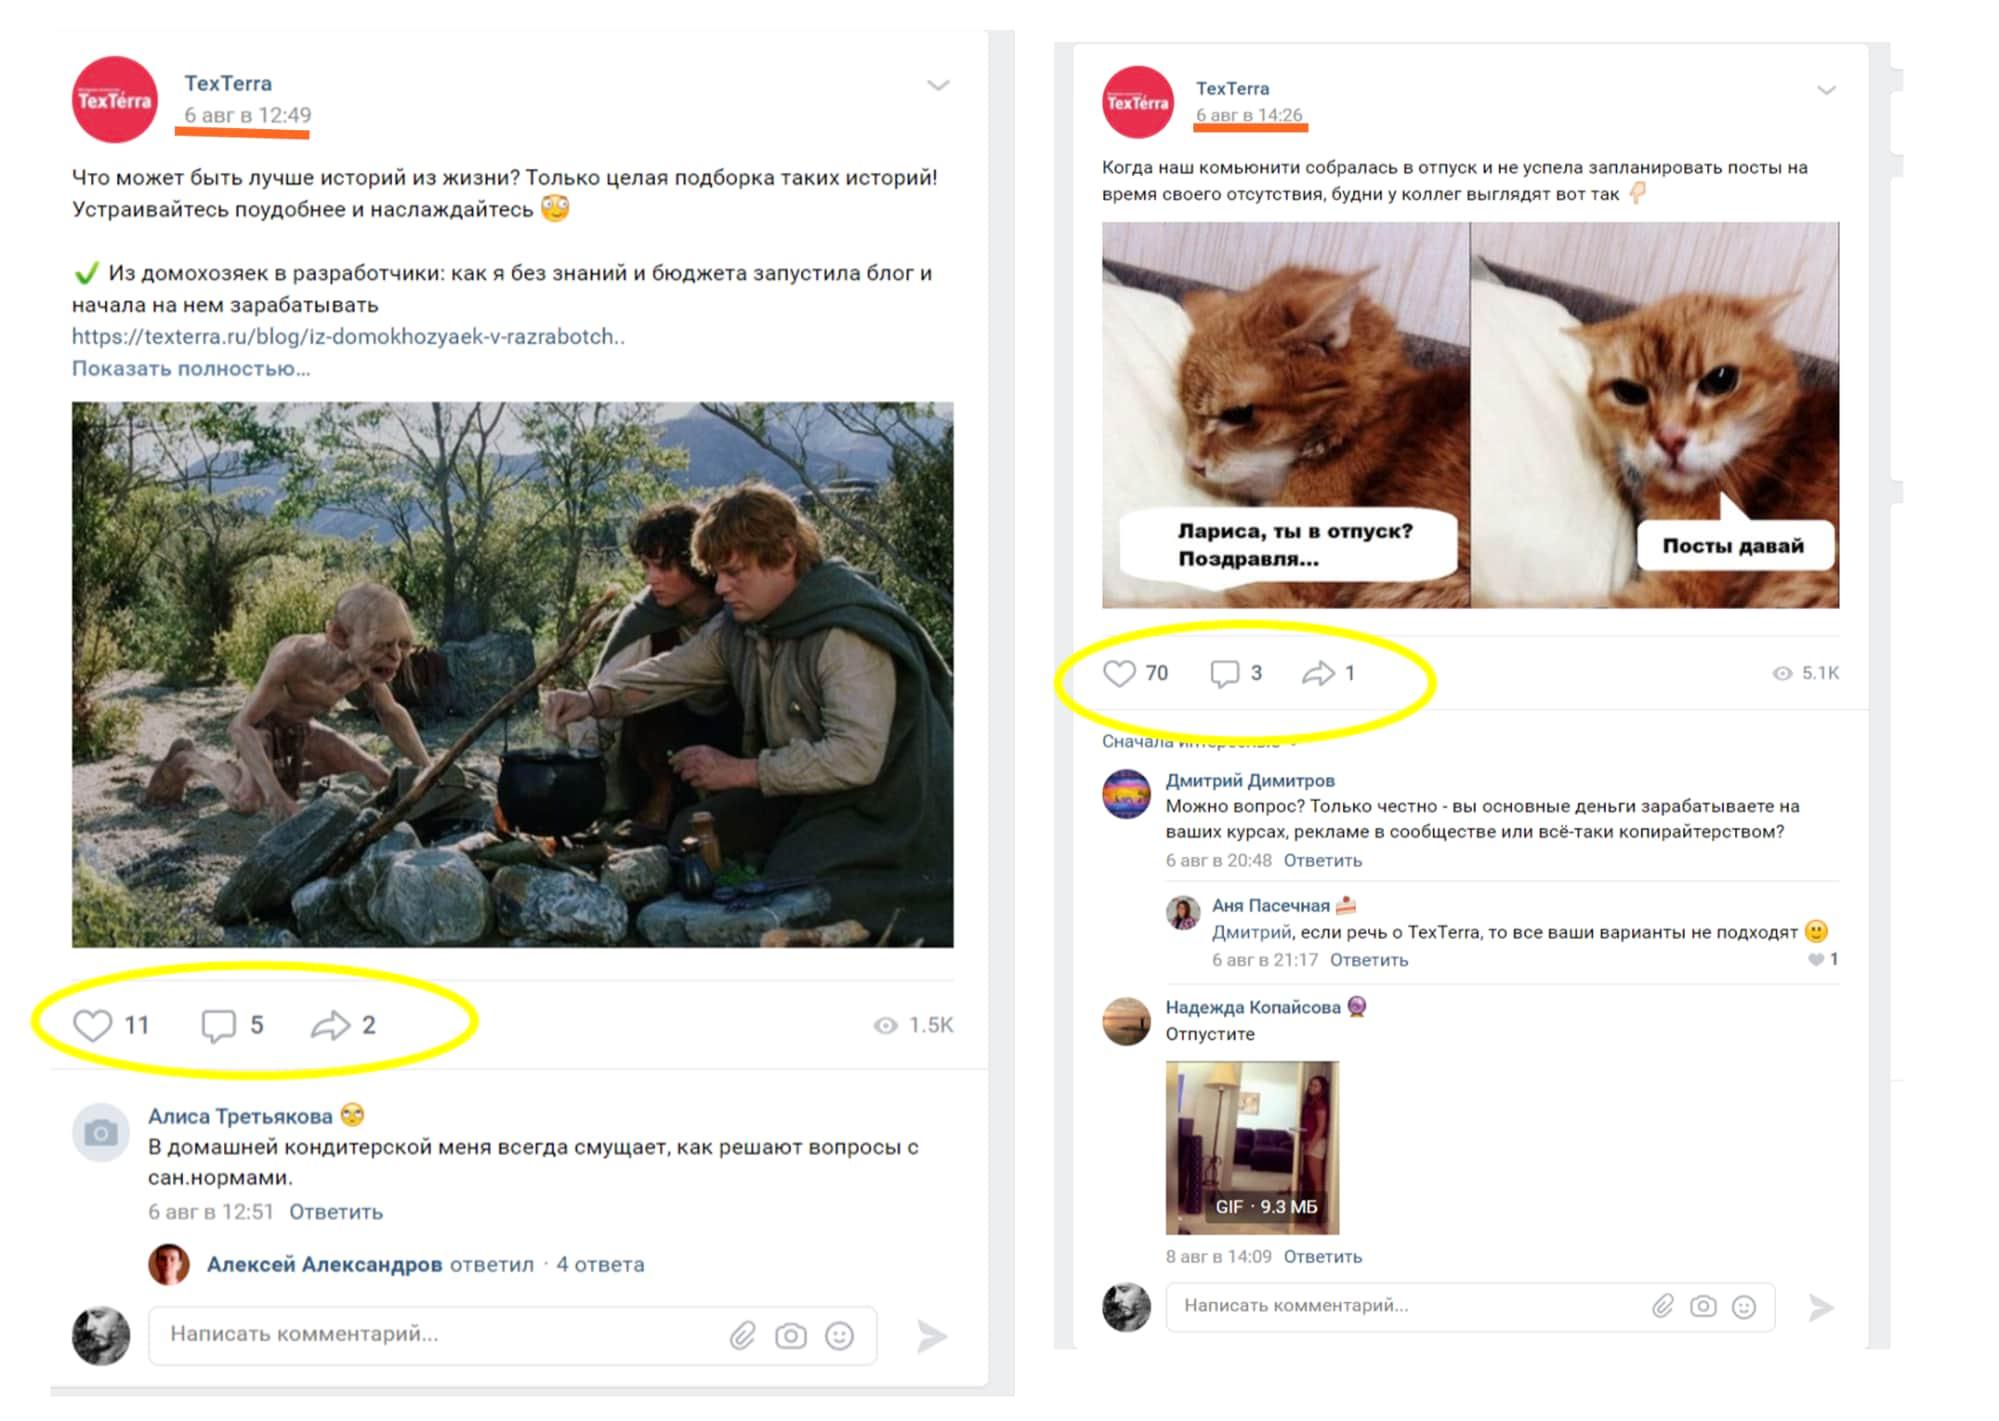 Мемный пост получил 70 лайков и охватил 5 тысяч пользователей, а анонс статьи в блог – 11 лайков при охвате 1,5 тысяч пользователей